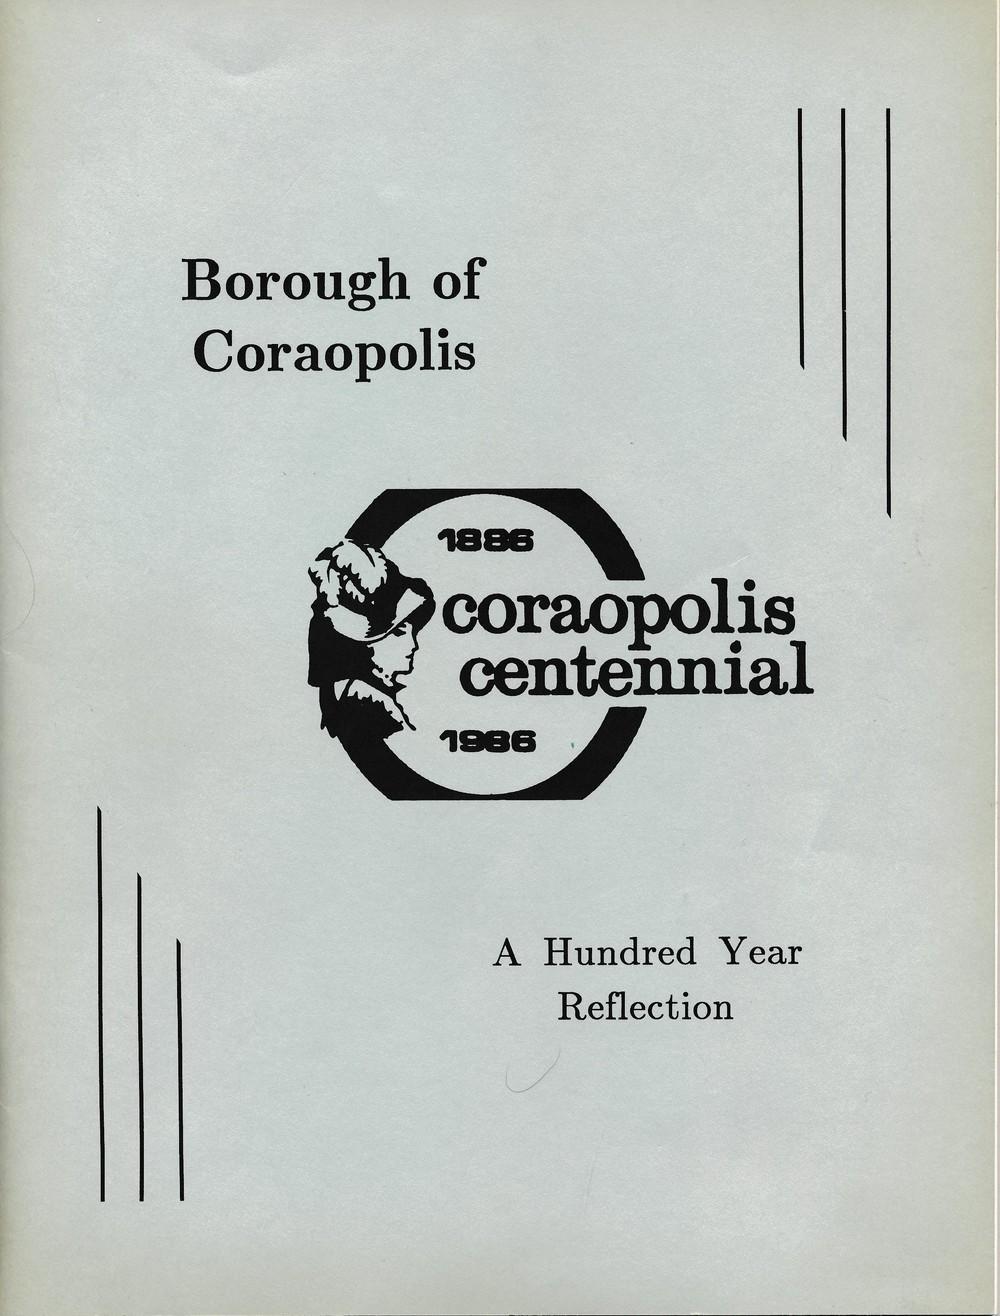 Coraopolis Centennial Booklet (1).jpg